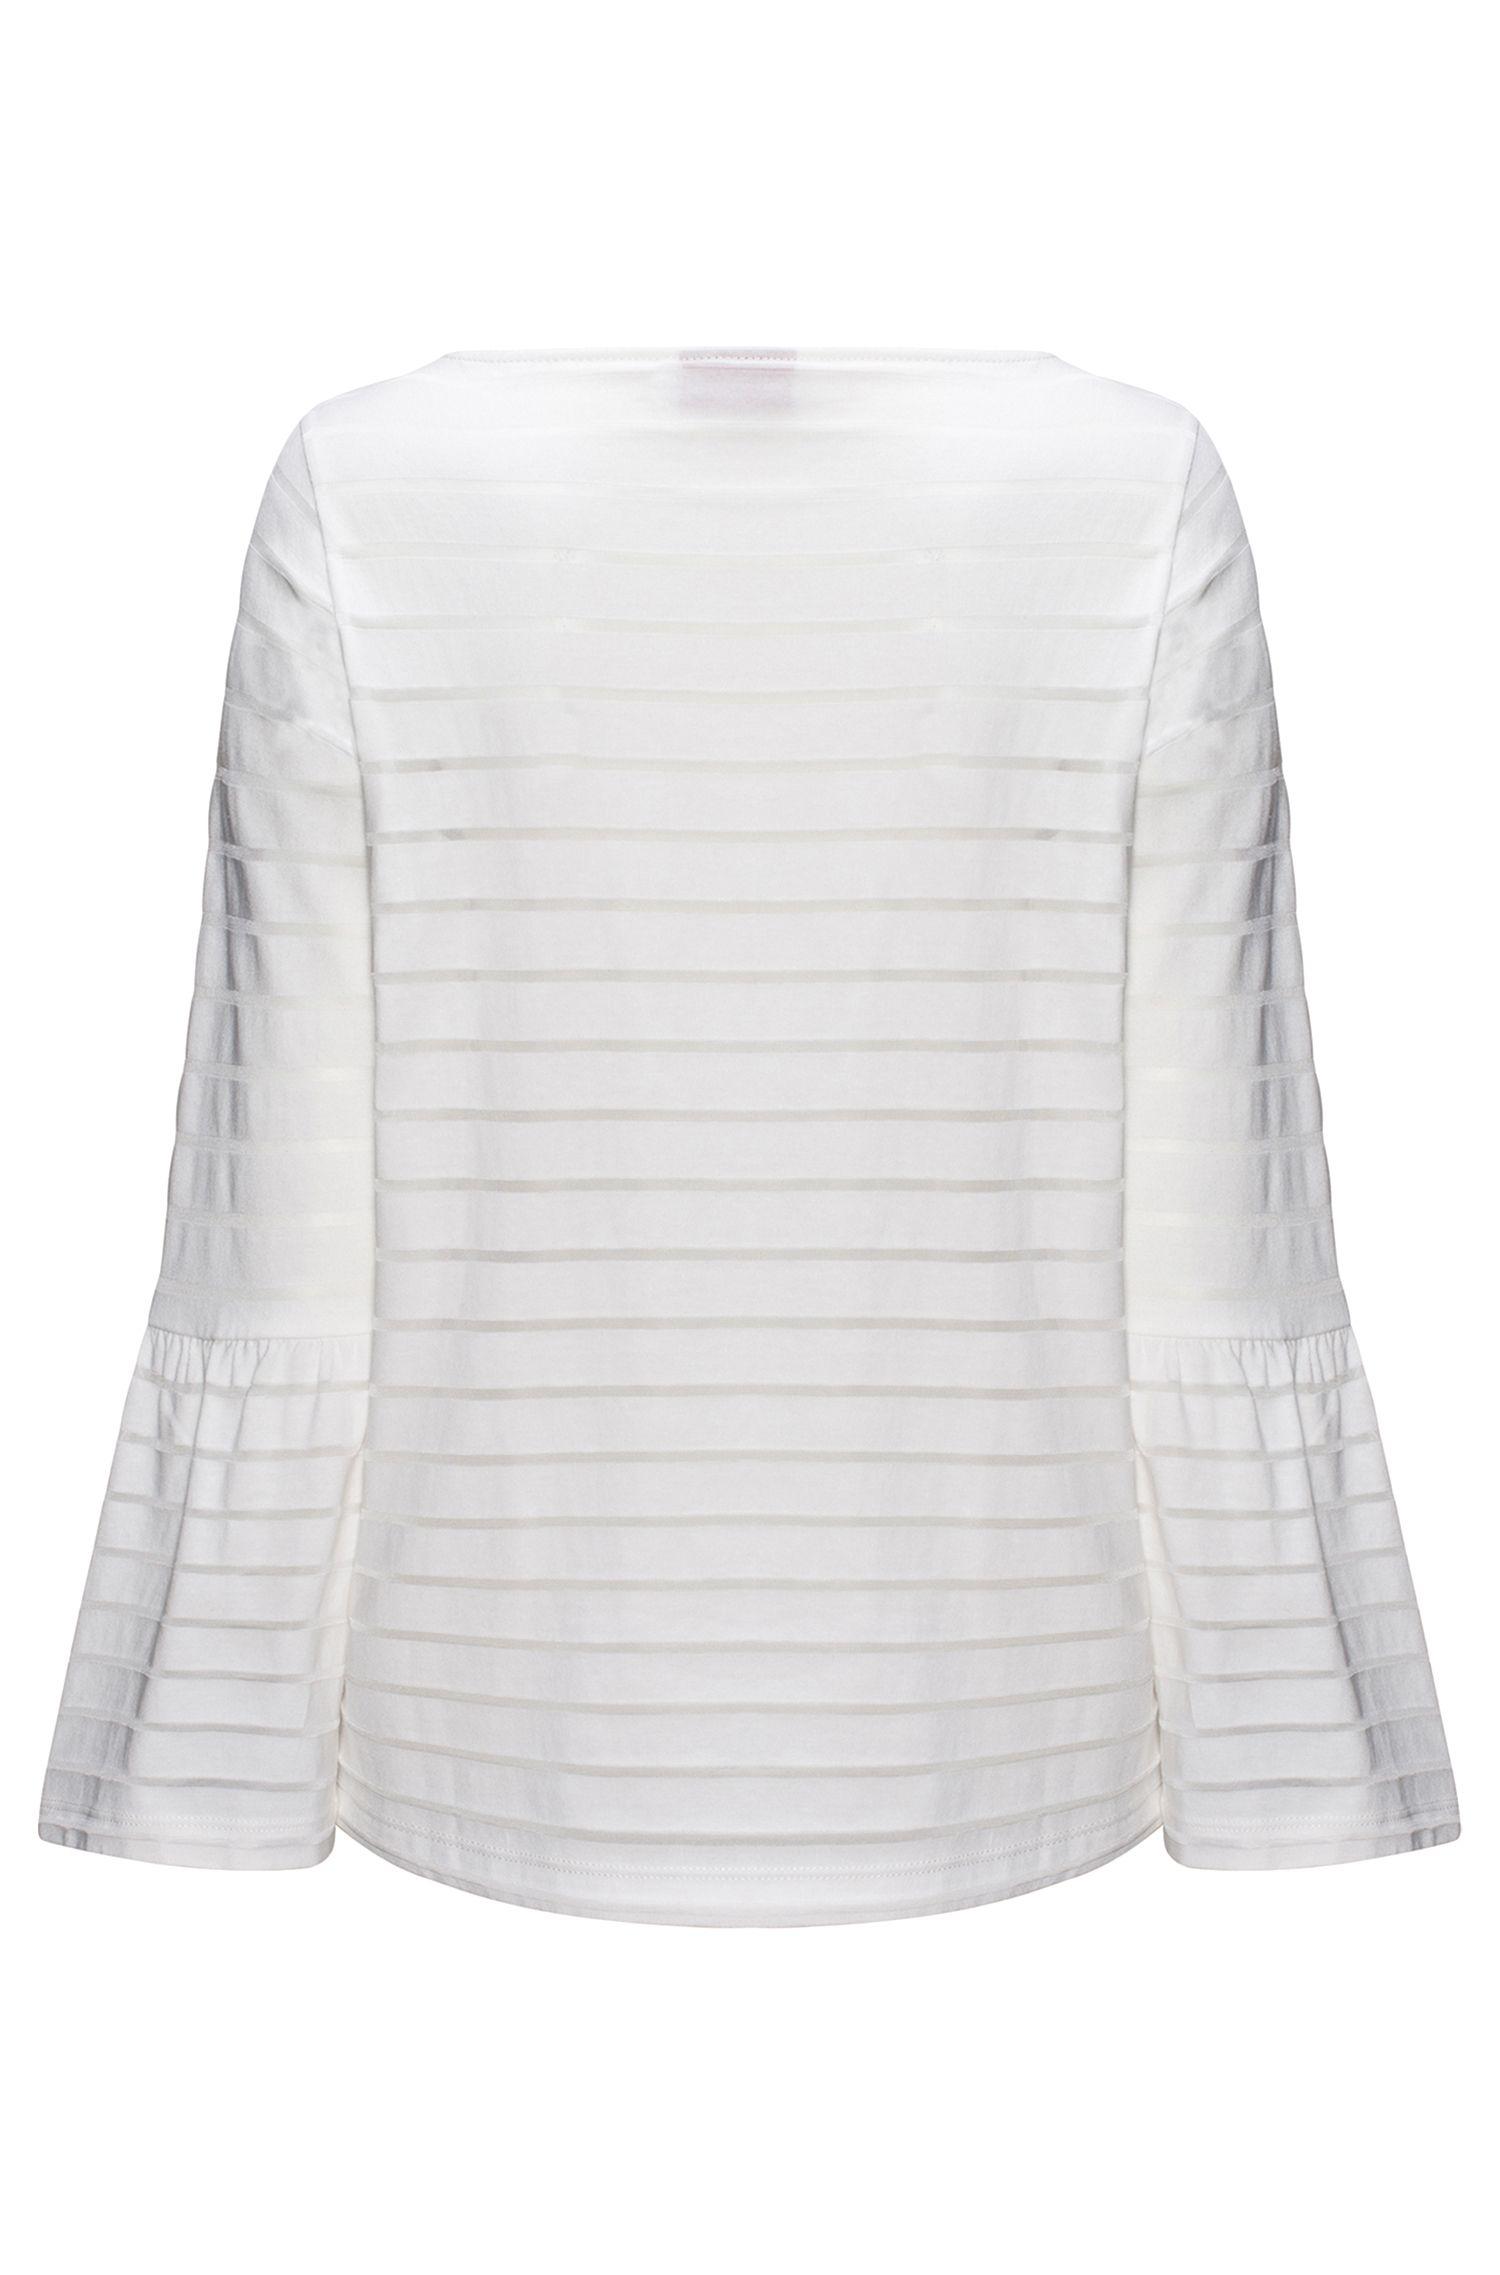 T-shirt van een katoenmix met ton-sur-ton dwarsstrepen